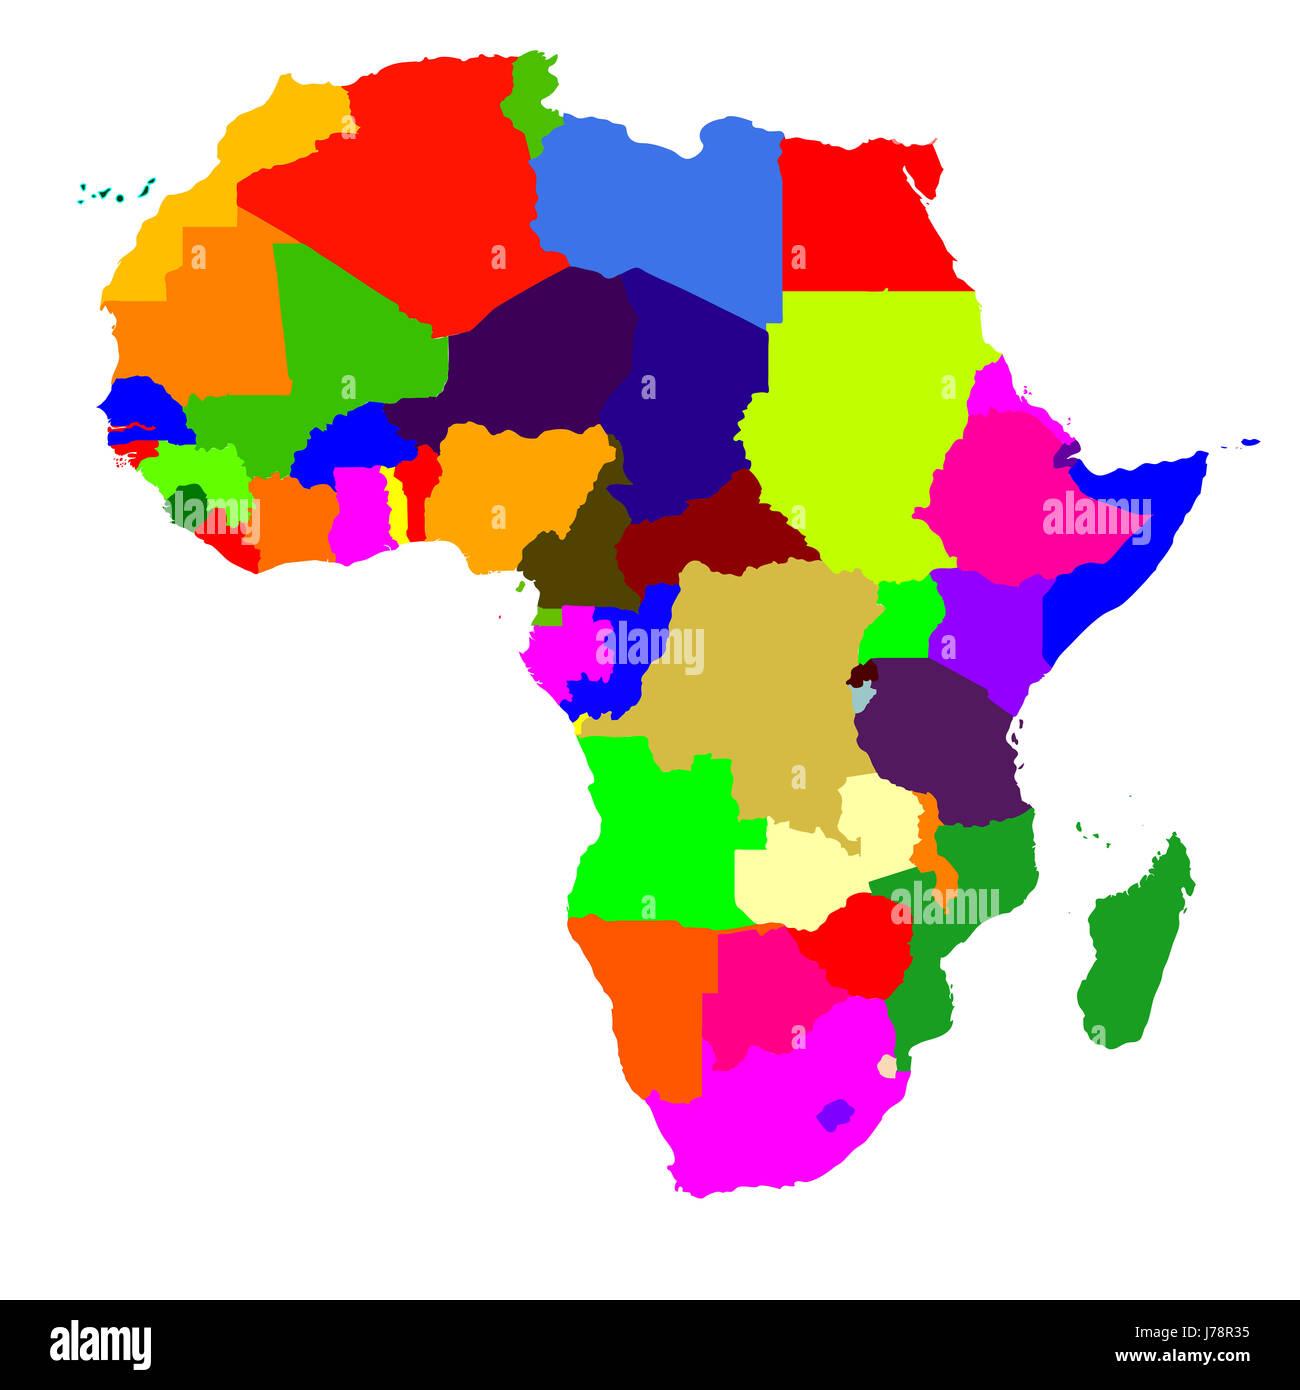 Couleur De L Afrique.Illustration De L Afrique Couleur Color Atlas Des Cartes